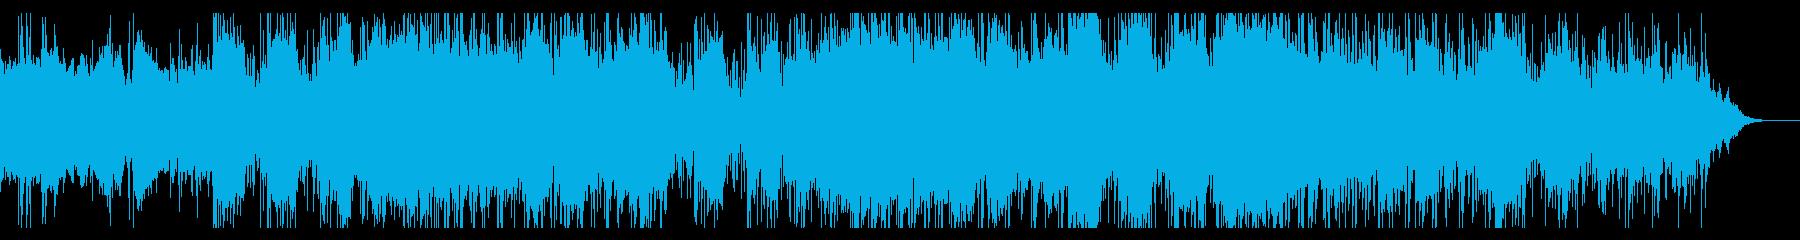 ダークなインダストリアルIDMの再生済みの波形